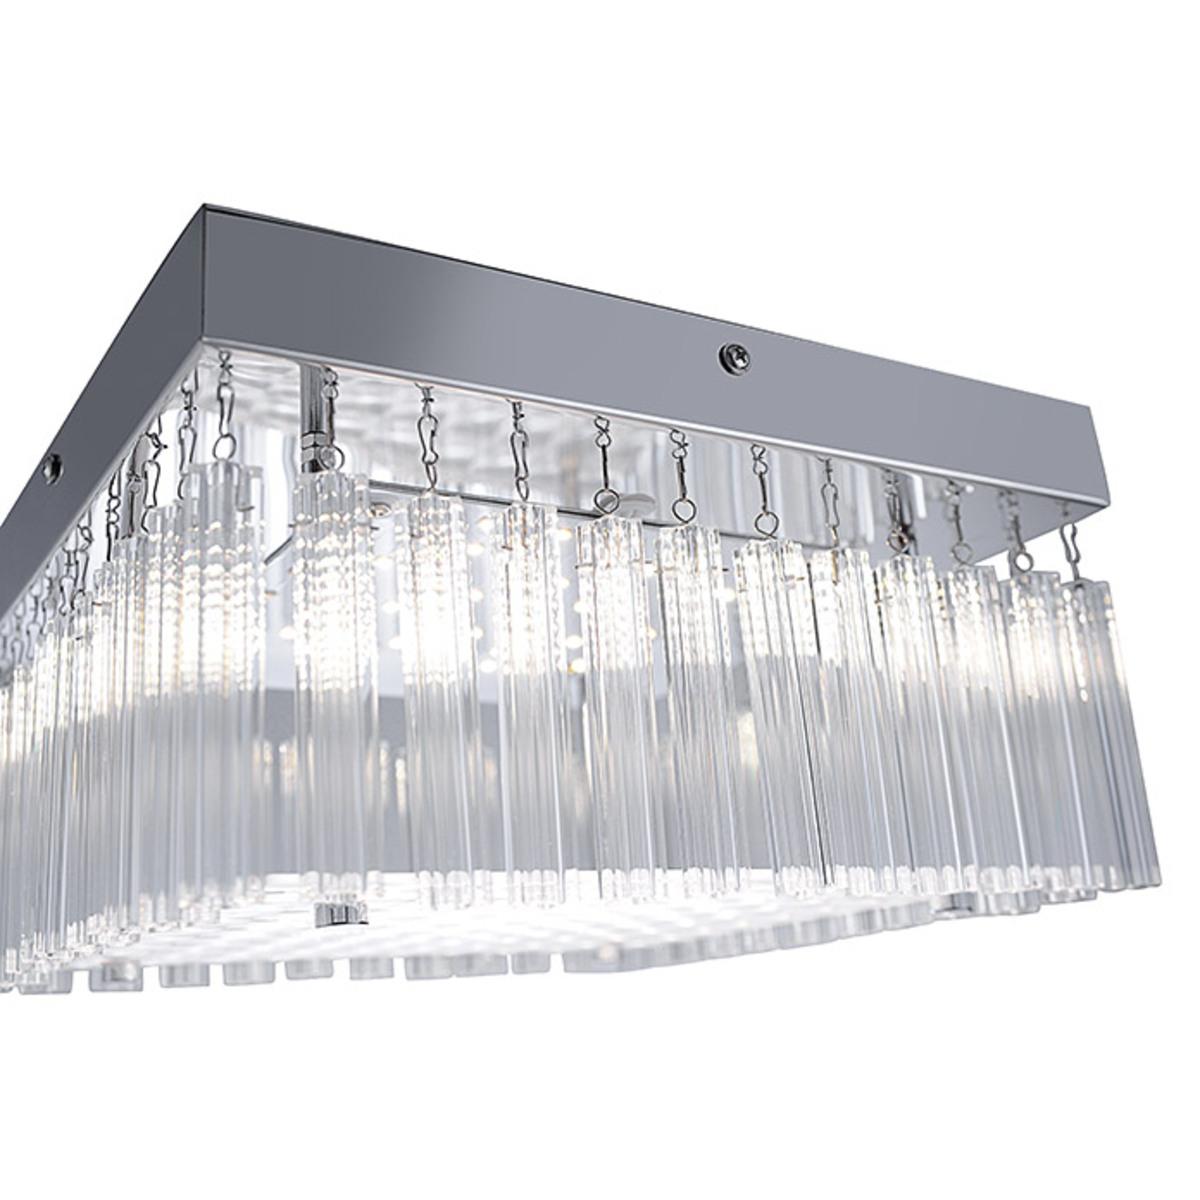 Bild 5 von LeuchtenDirekt LED-Deckenleuchte Lea